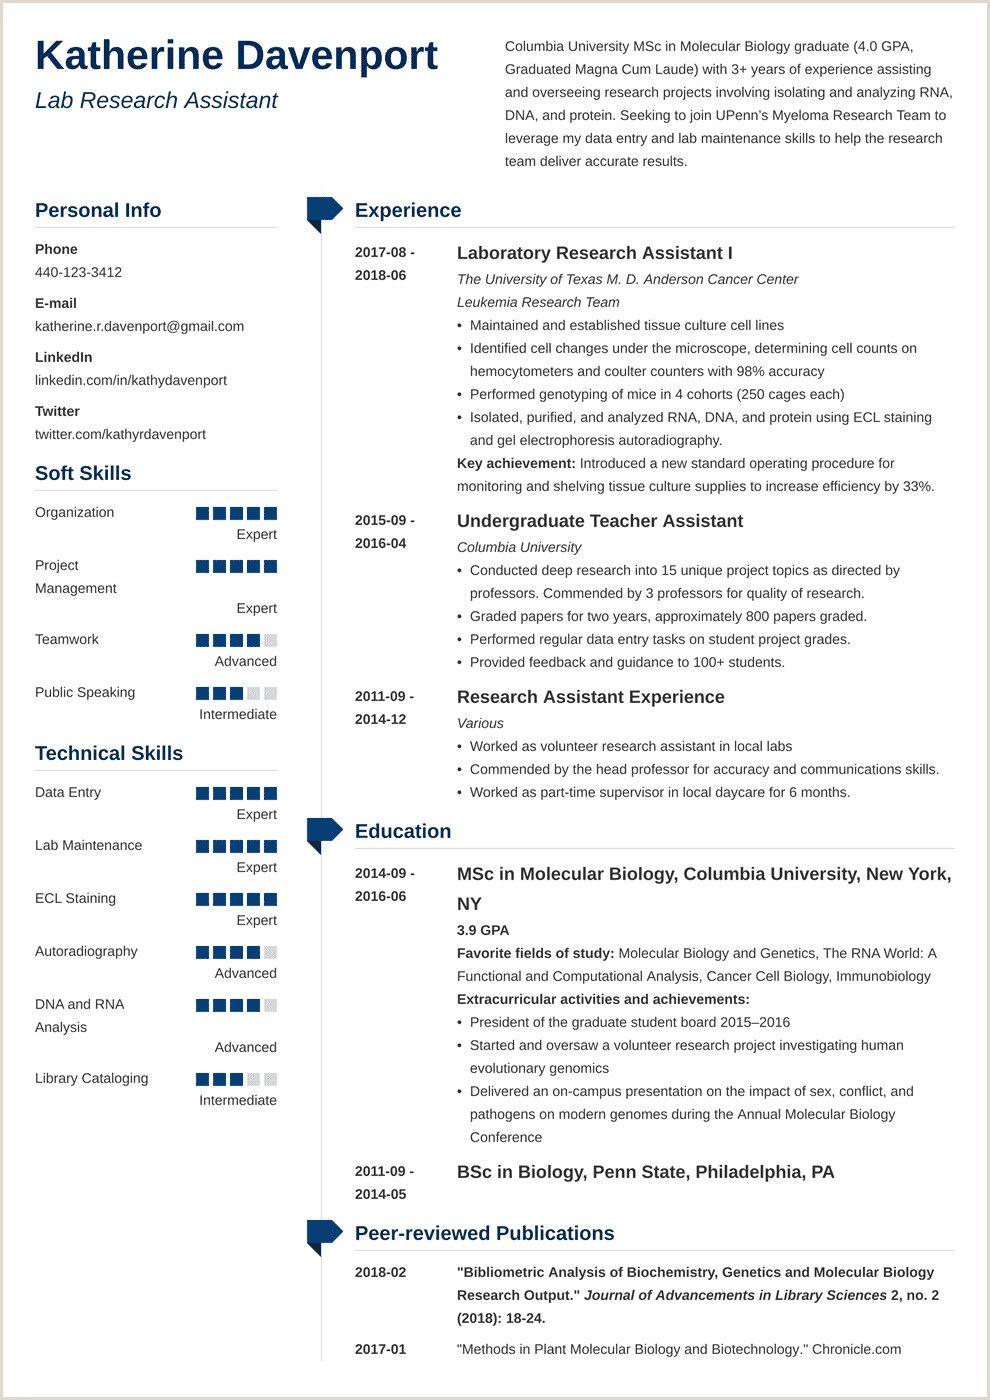 Standard Cv format In Australia in 2020 Resume skills